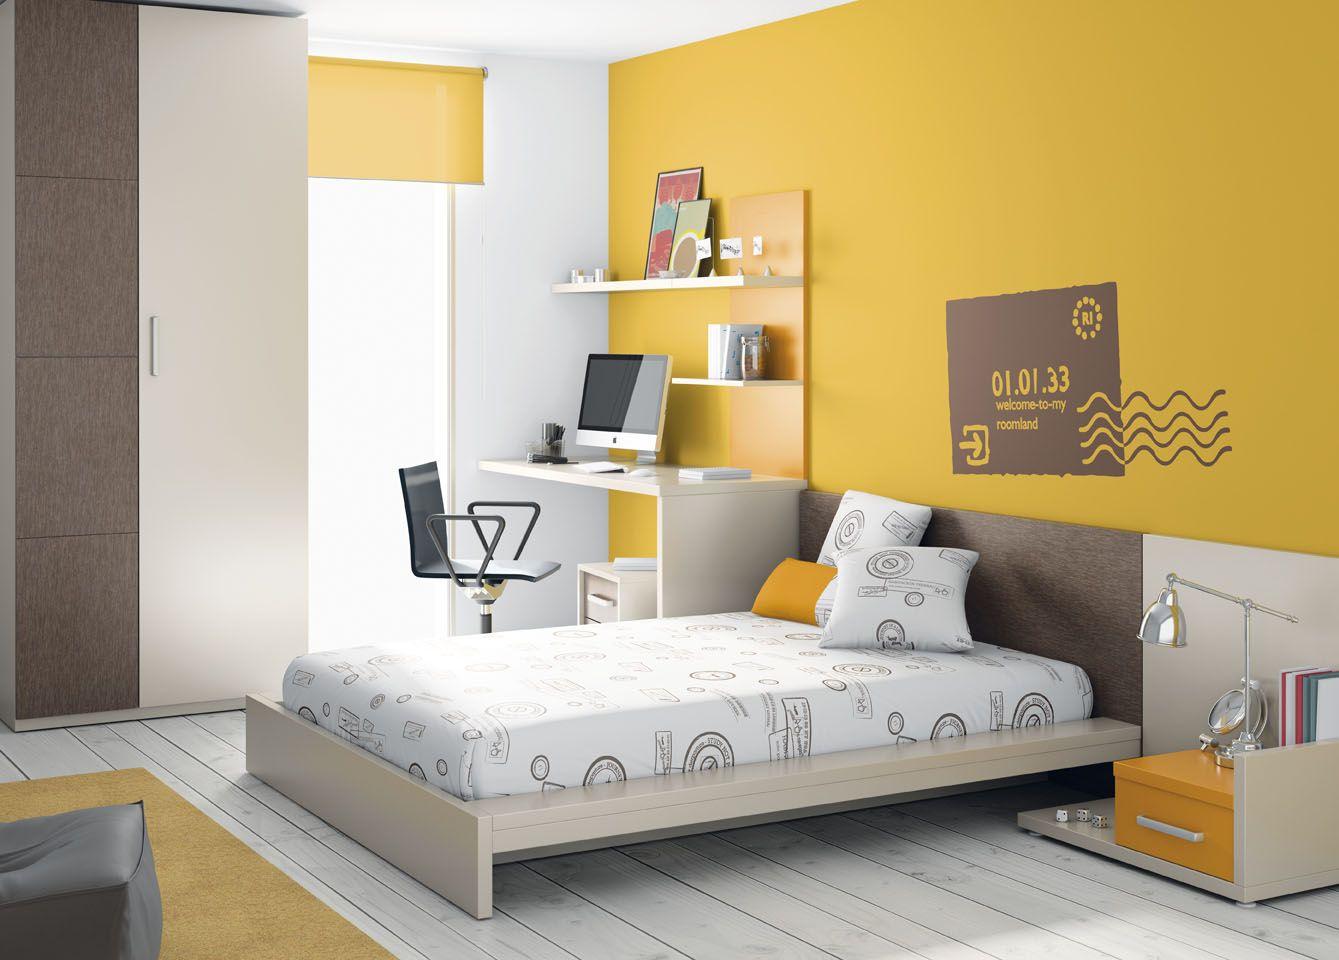 Apetece una siesta en una habitaci n de muebles ros for Catalogo de habitaciones juveniles